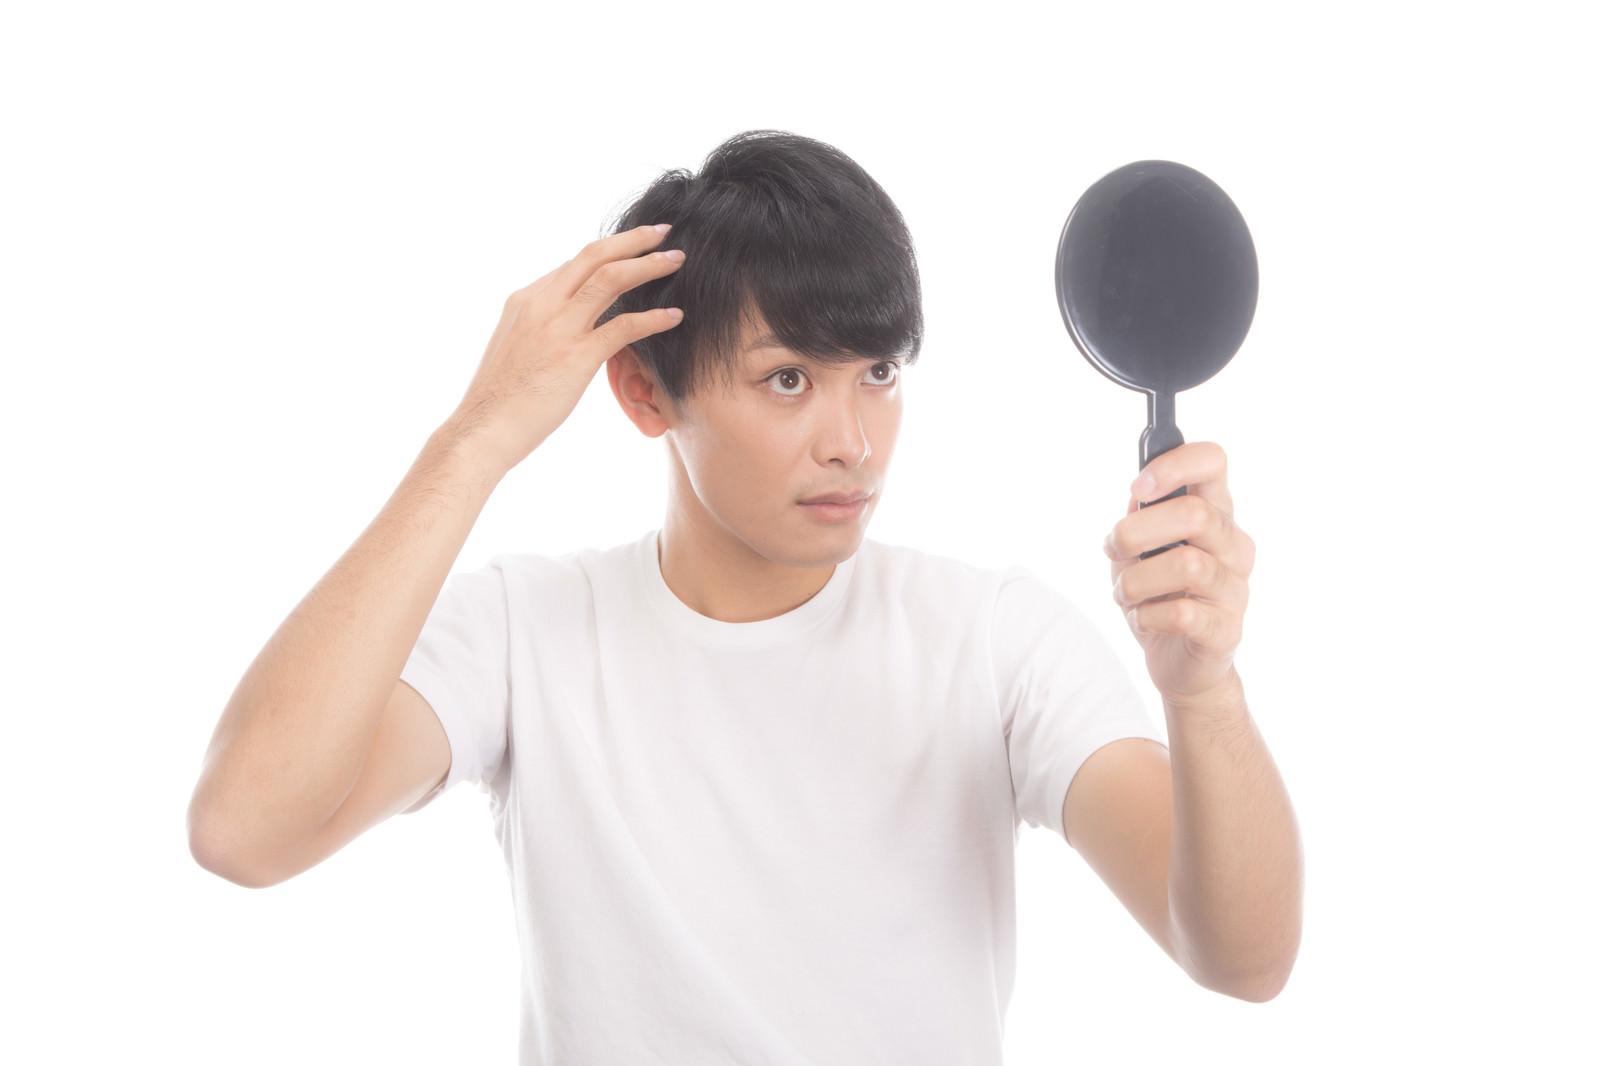 「手鏡で薄毛・生え際のヘアチェックをする若い男性」の写真[モデル:完伍]